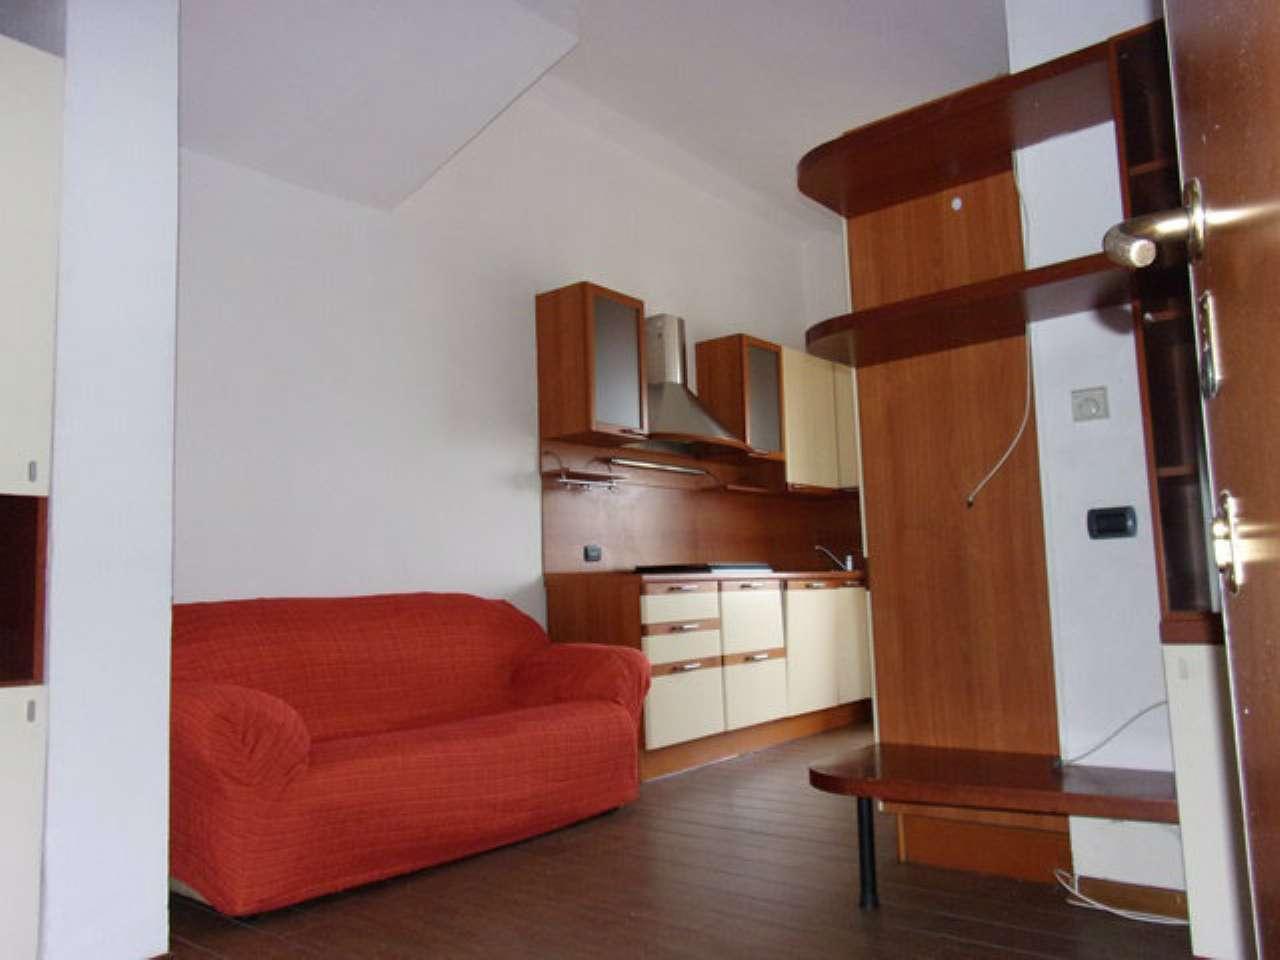 Appartamento in affitto a Seregno, 2 locali, prezzo € 490 | Cambio Casa.it